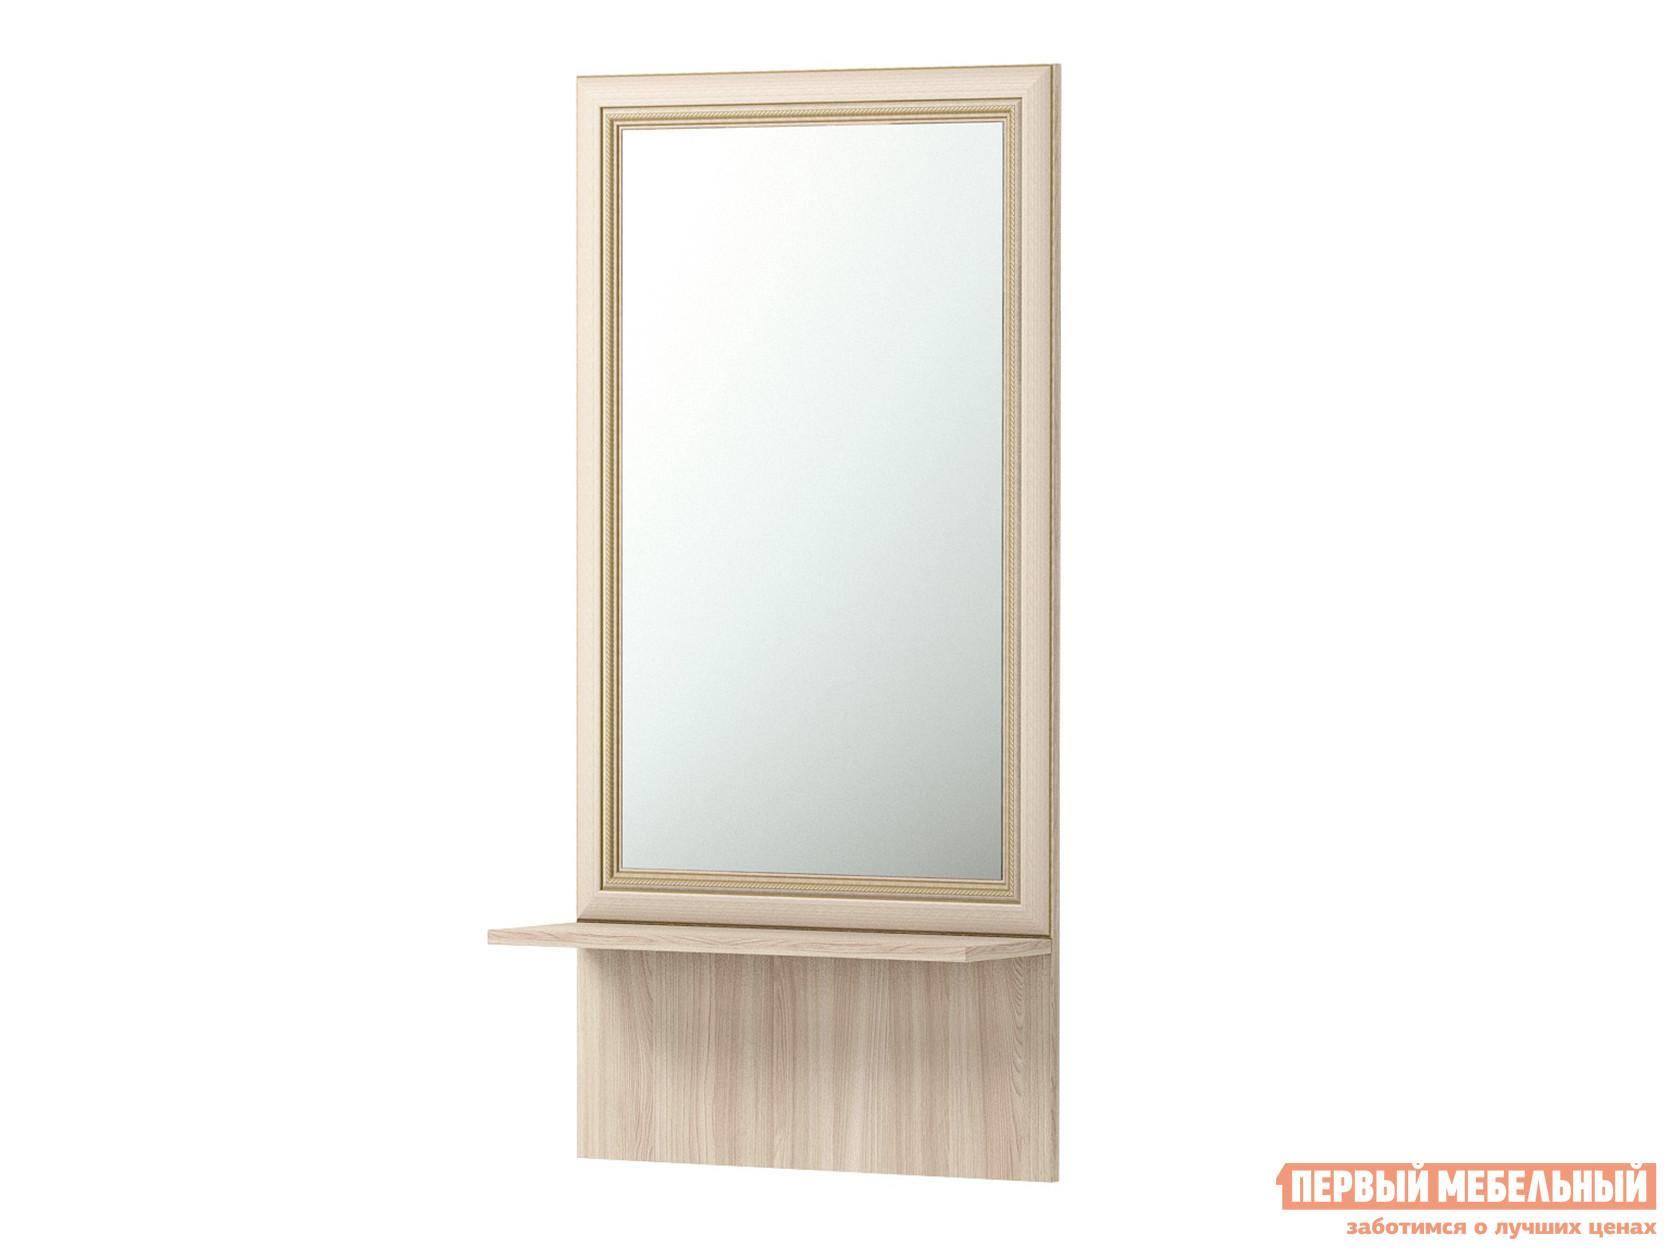 Настенное зеркало с полкой ТД Арника Брайтон 21 настенное зеркало тд арника 18 ирис зеркало настенное со вставками